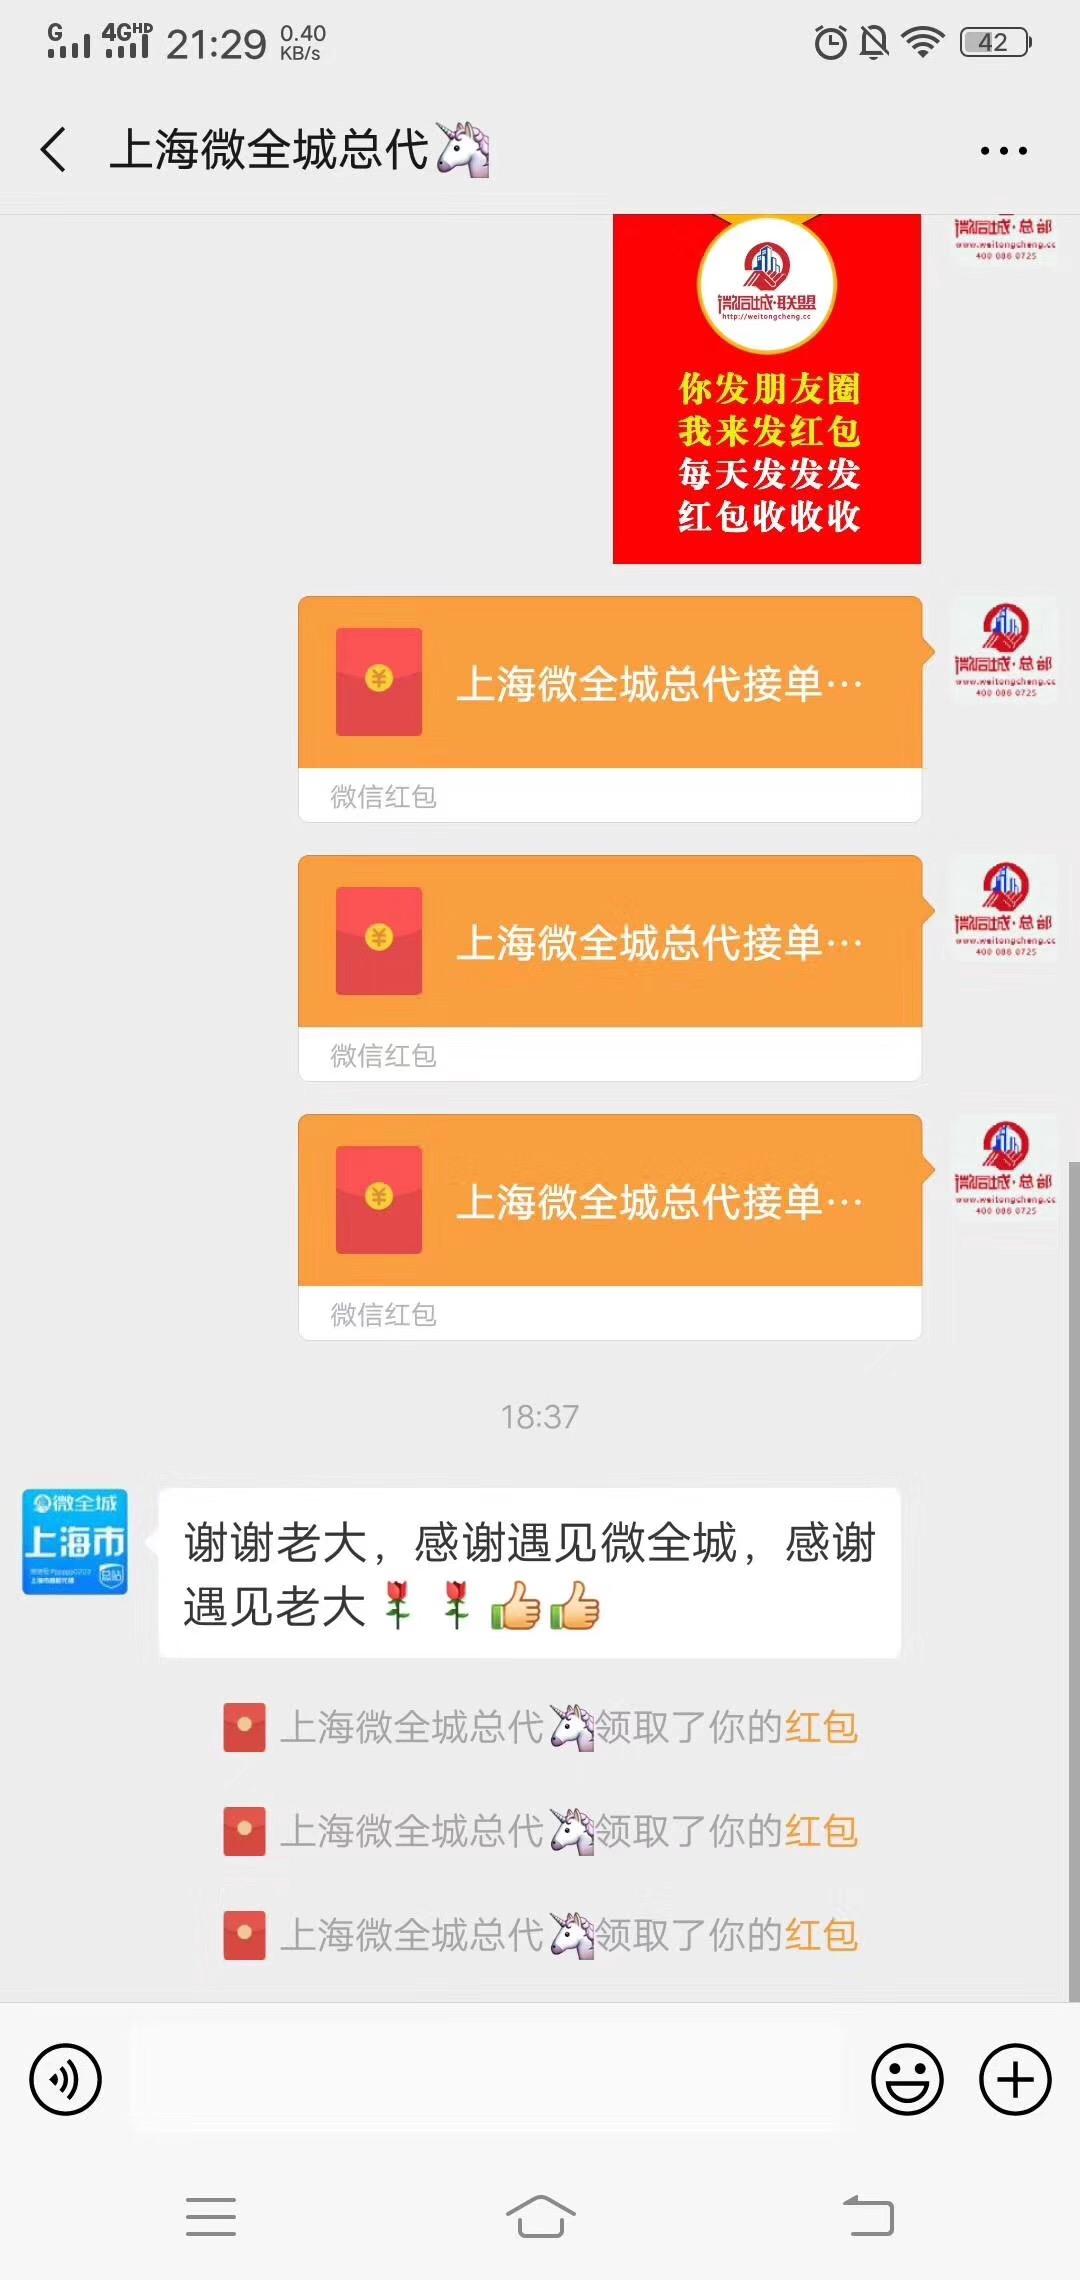 【再来个三连包】上海微全城微帮总代广告佣金